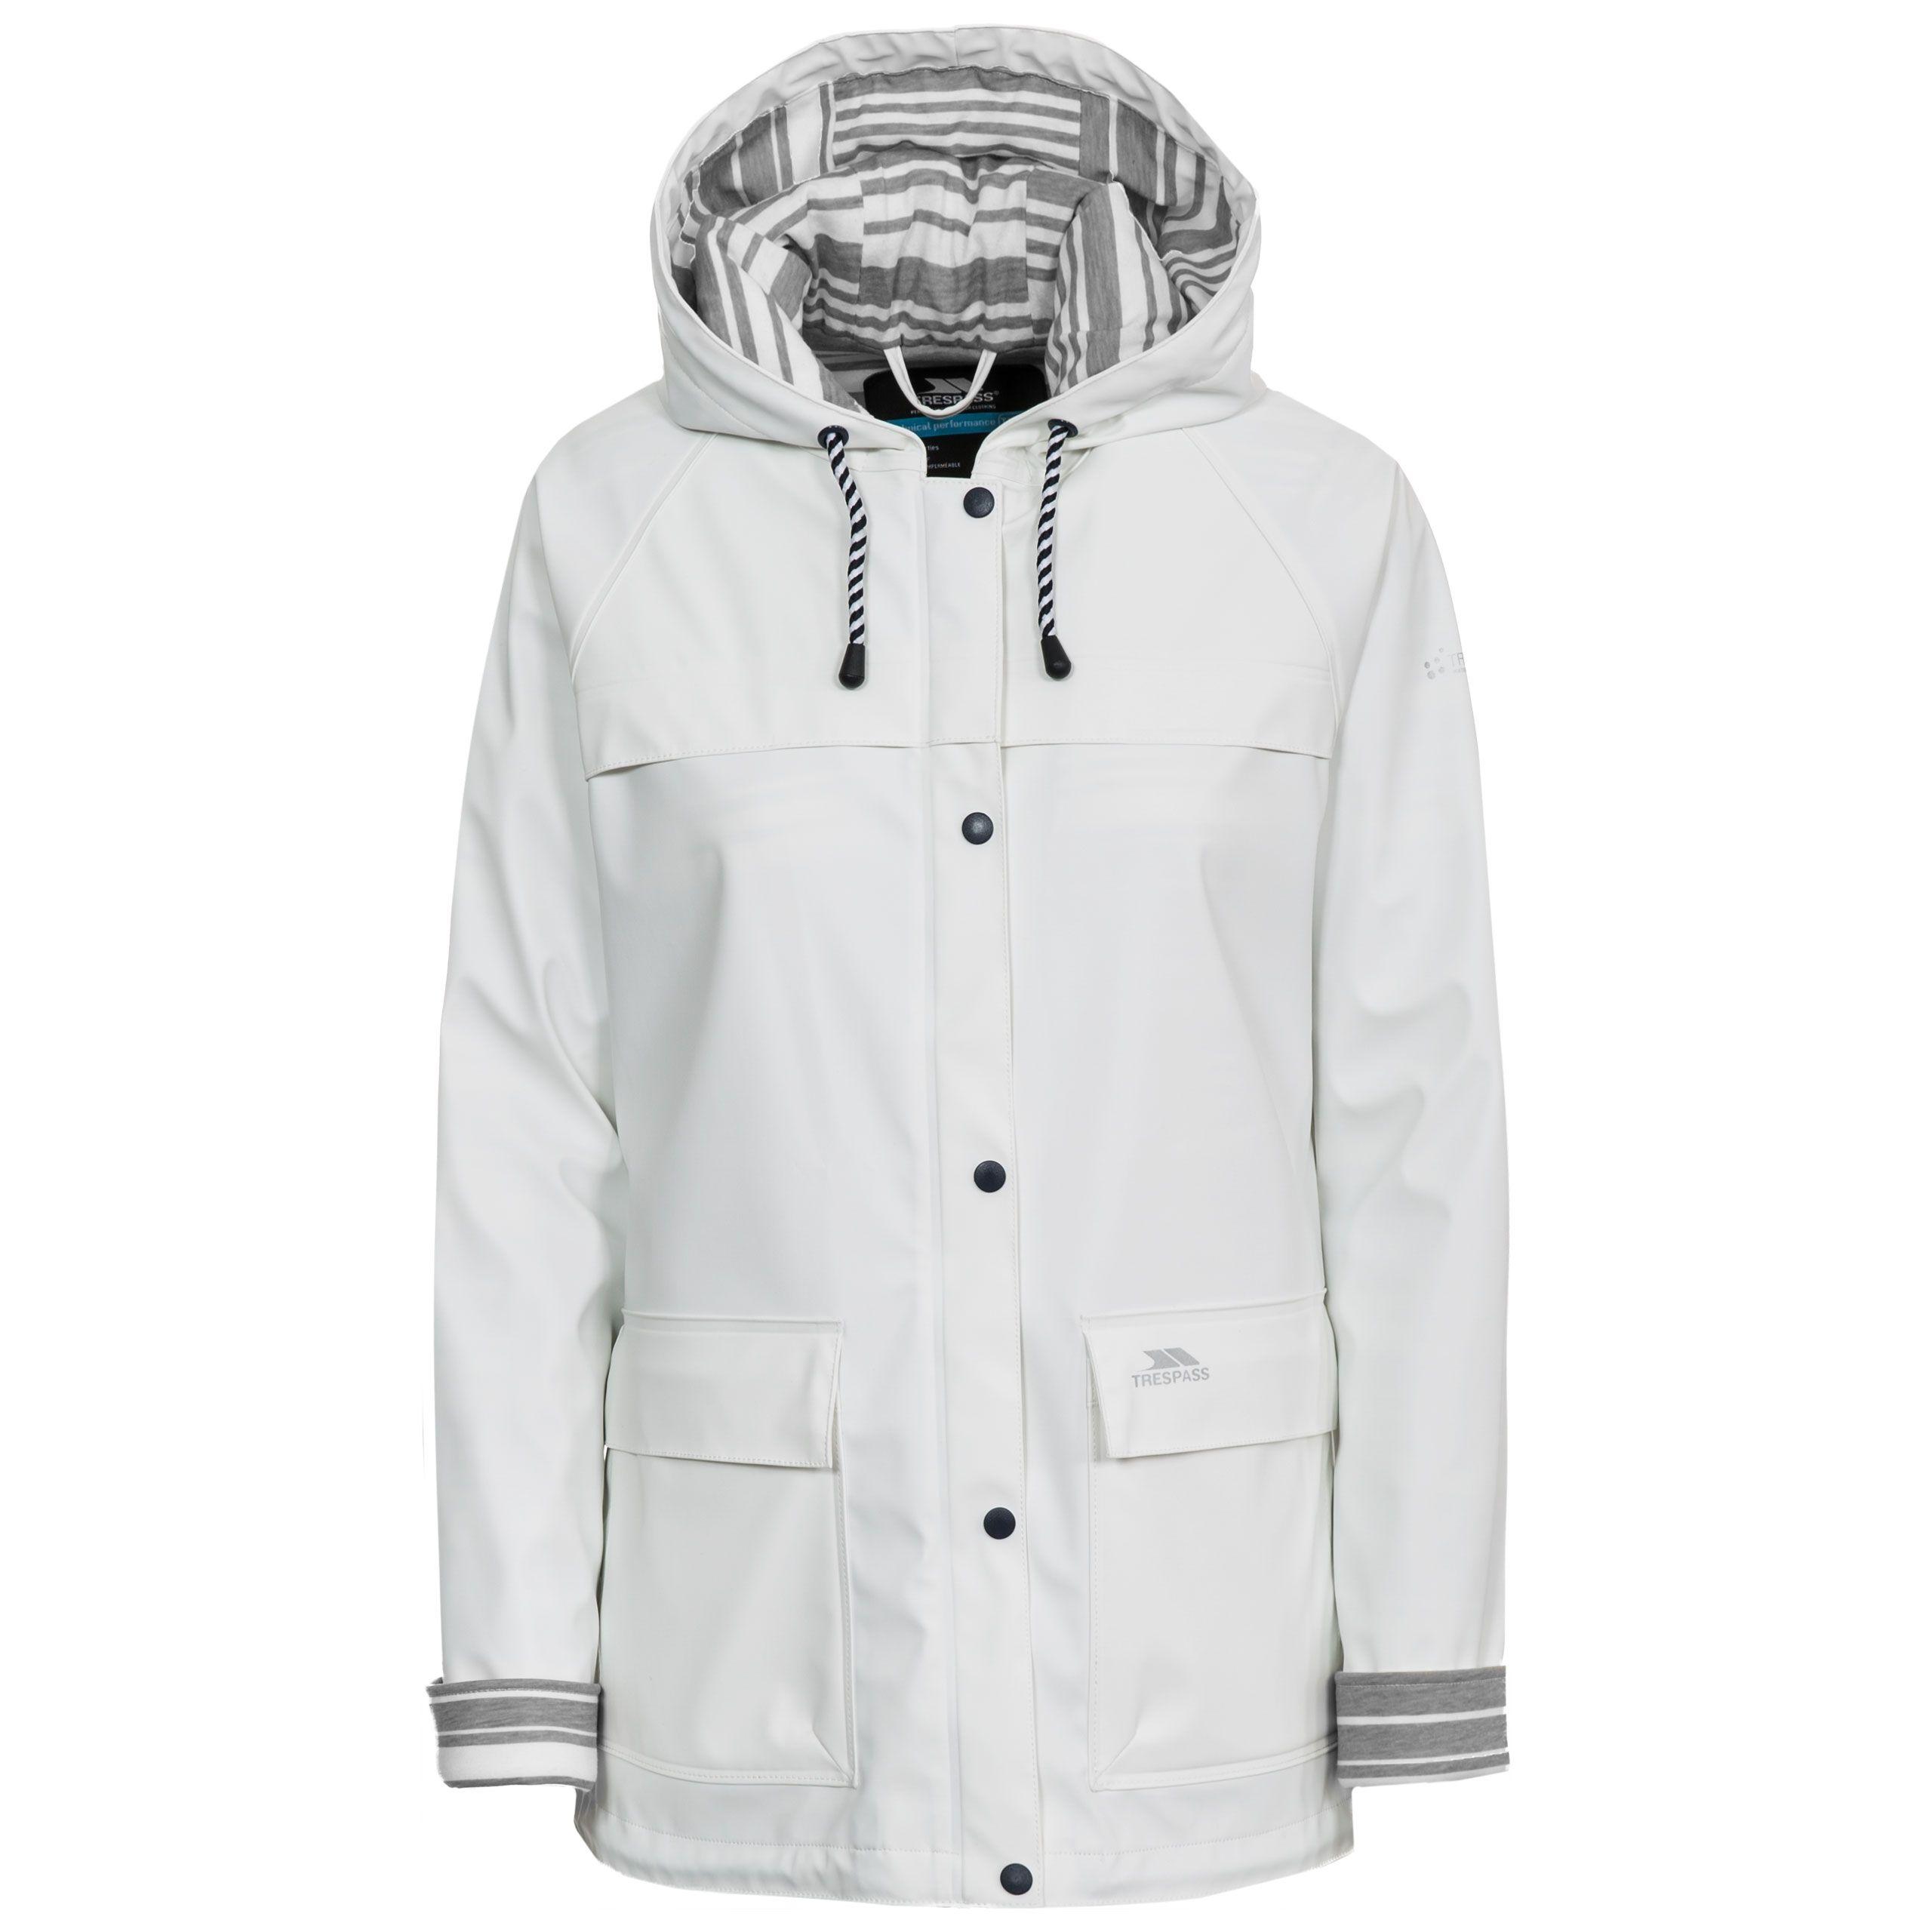 Trepass Womens Waterproof Jacket Hooded Muddle